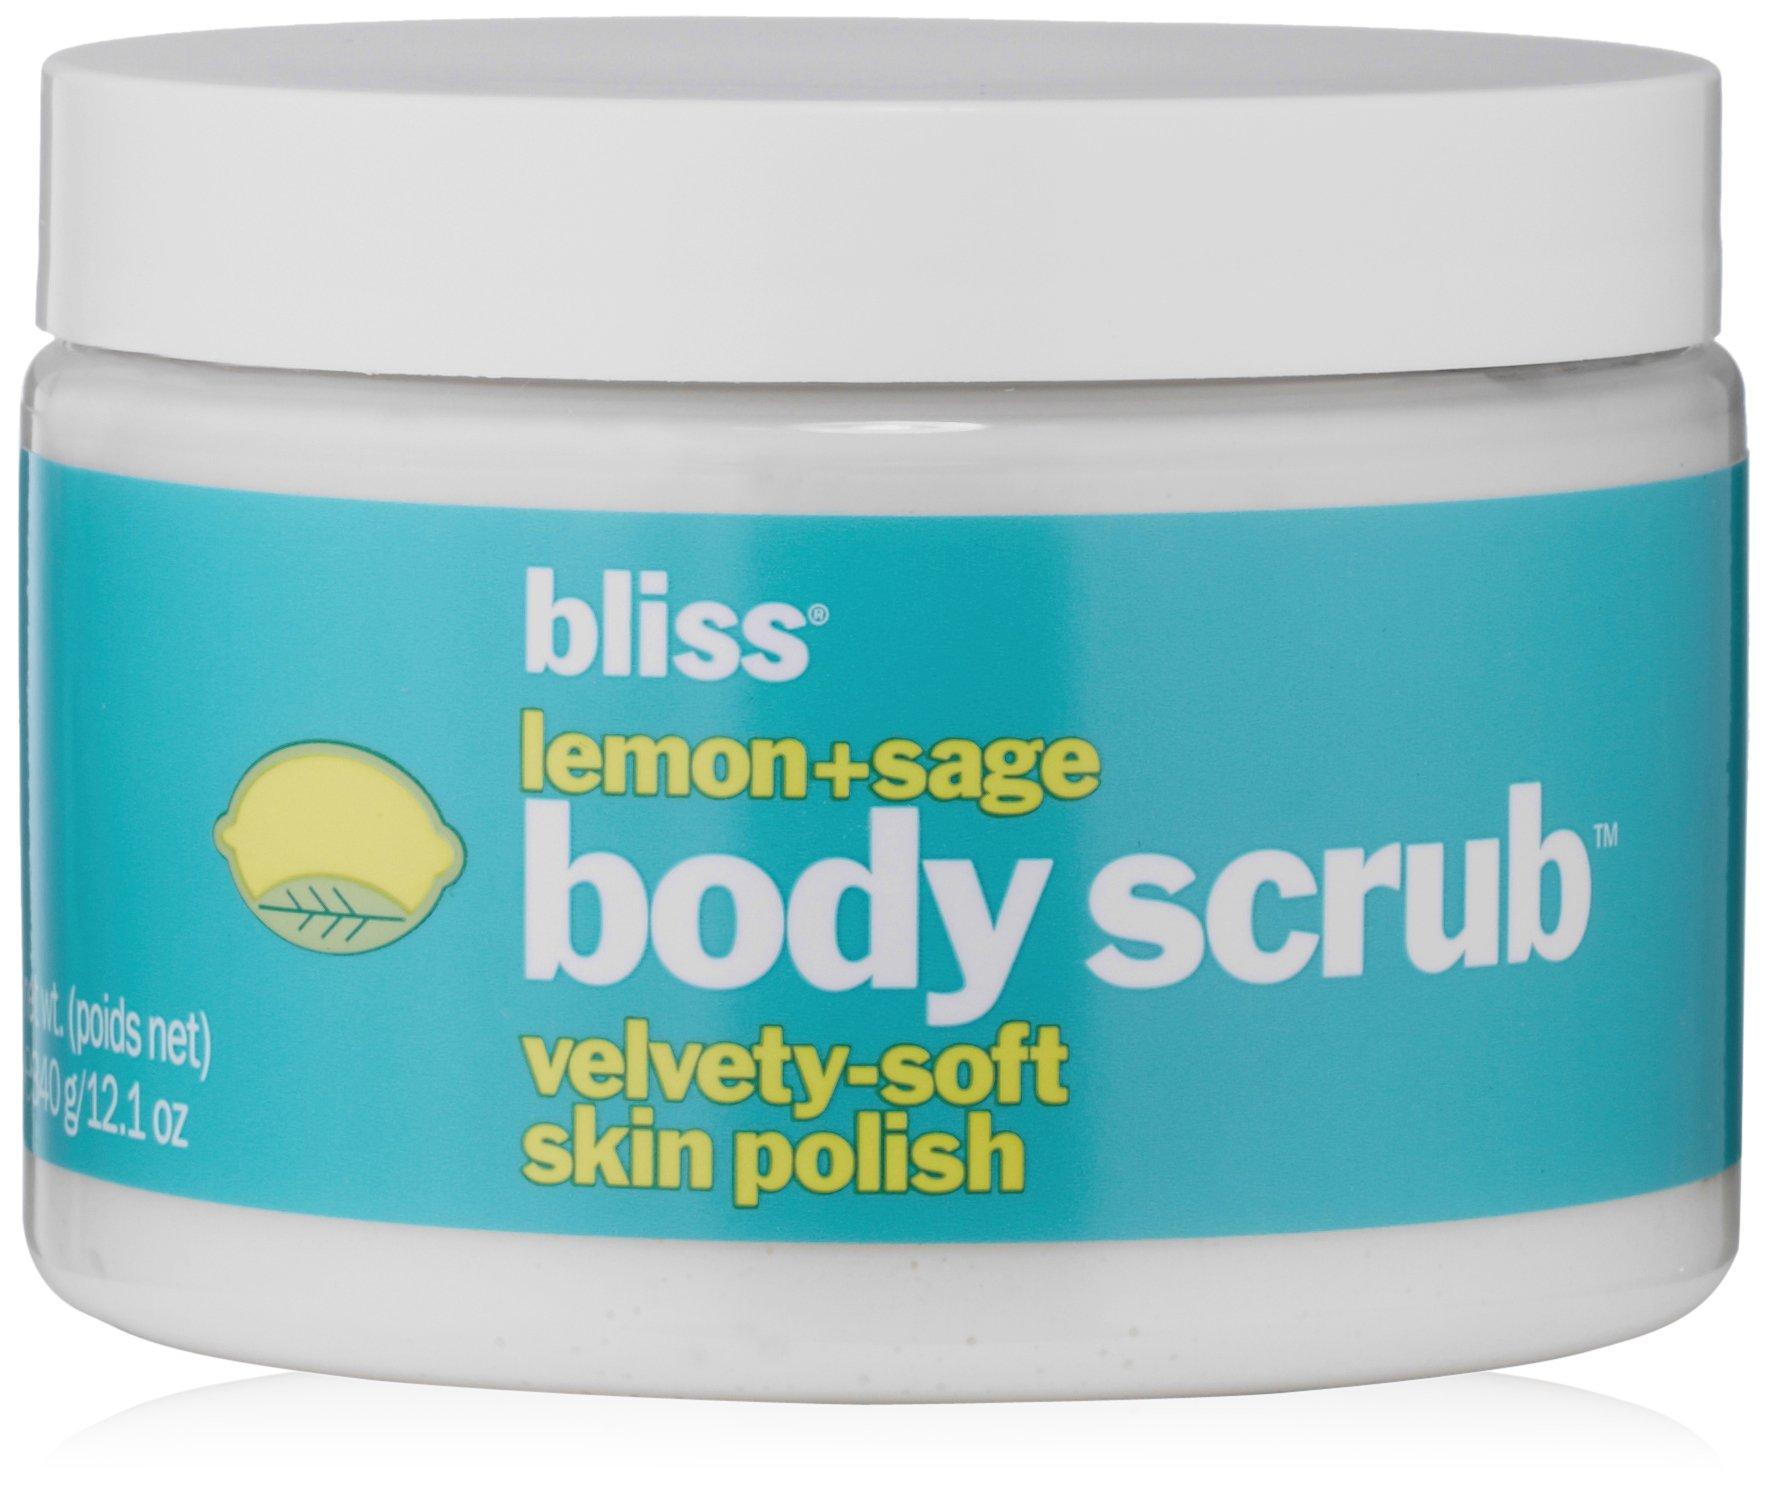 bliss Lemon + Sage Body Scrub, 12.1 fl. oz.